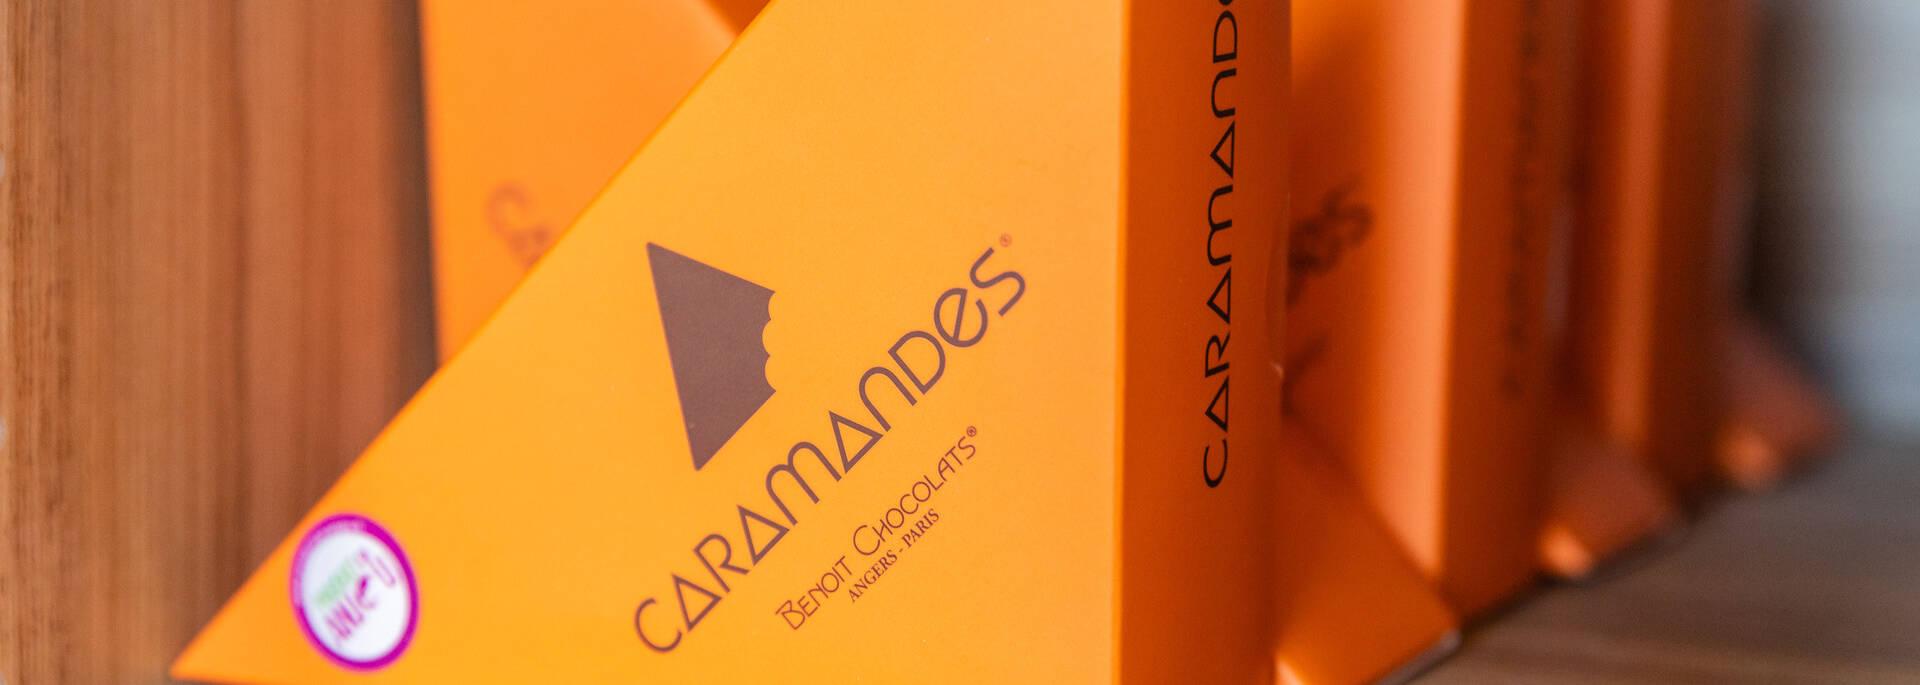 Caramandes - Benoit Chocolats